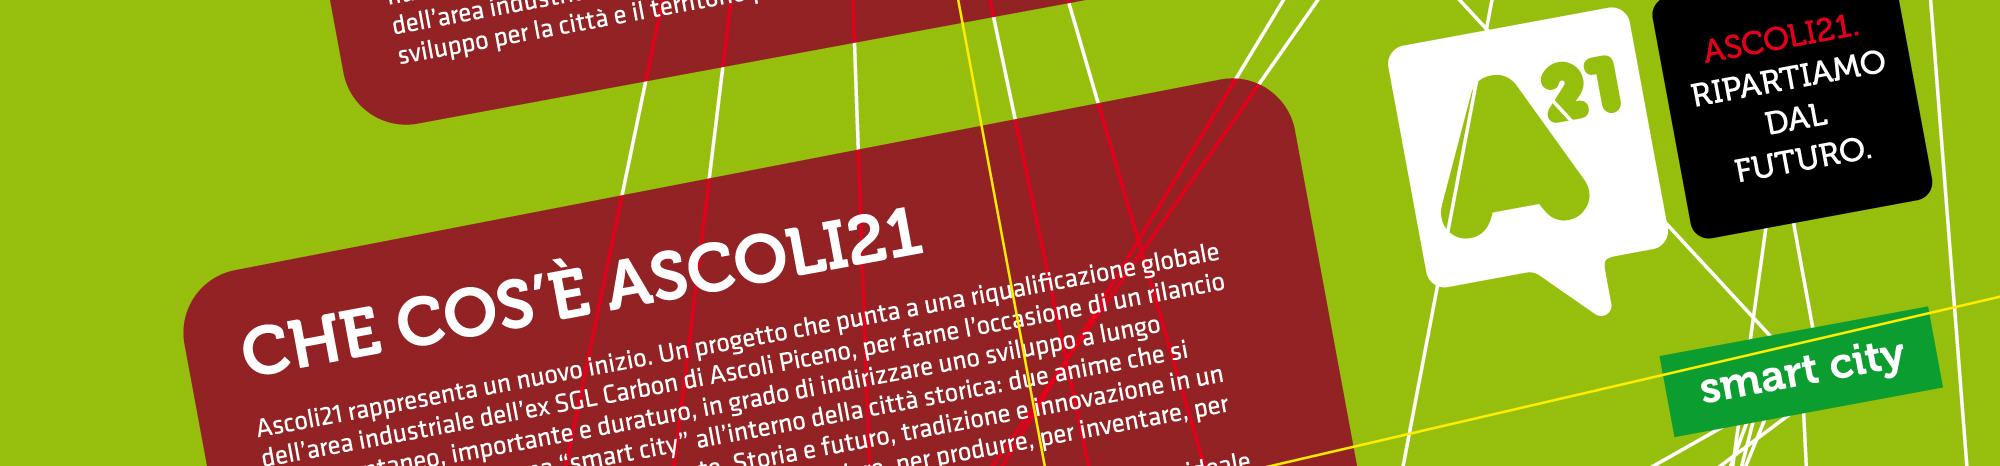 Ascoli21